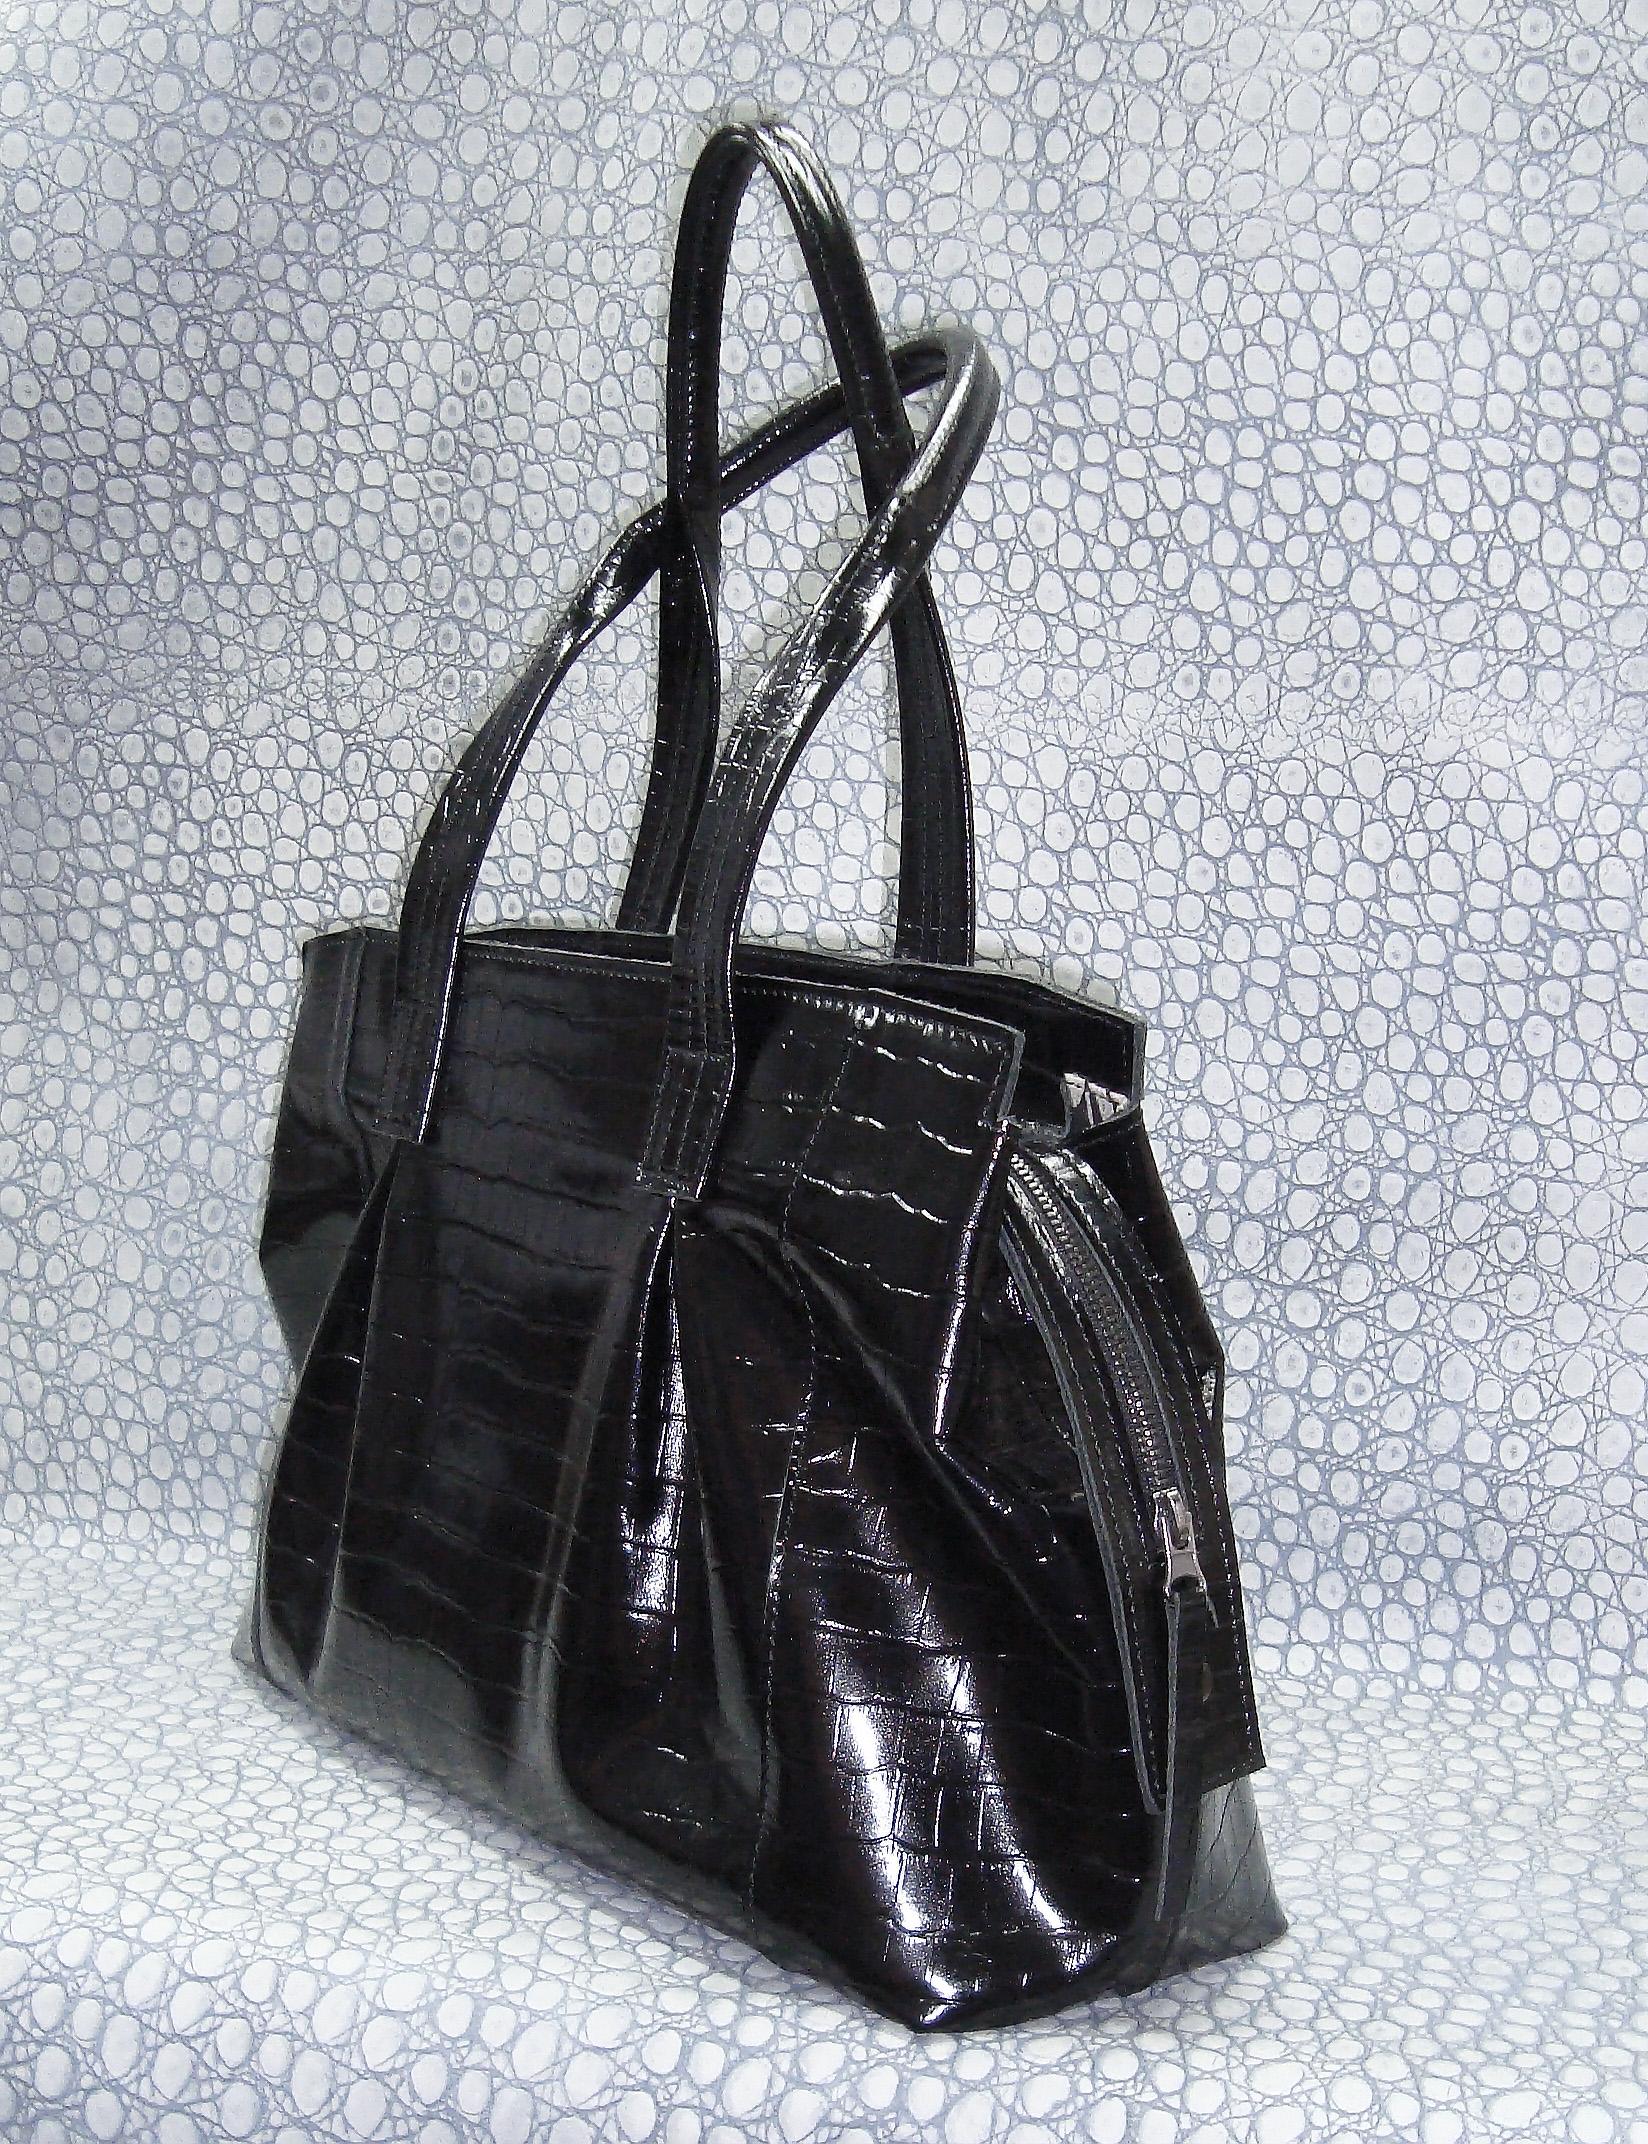 Сумка Модель № 22Сумки и др. изделия из кожи<br>Высота сумки:27 см<br>Ширина сумки:40 см<br>Ширина дна:12 см<br>Длинна ручек:65 см<br><br>Тип: Сумка<br>Размер: -<br>Материал: Натуральная кожа